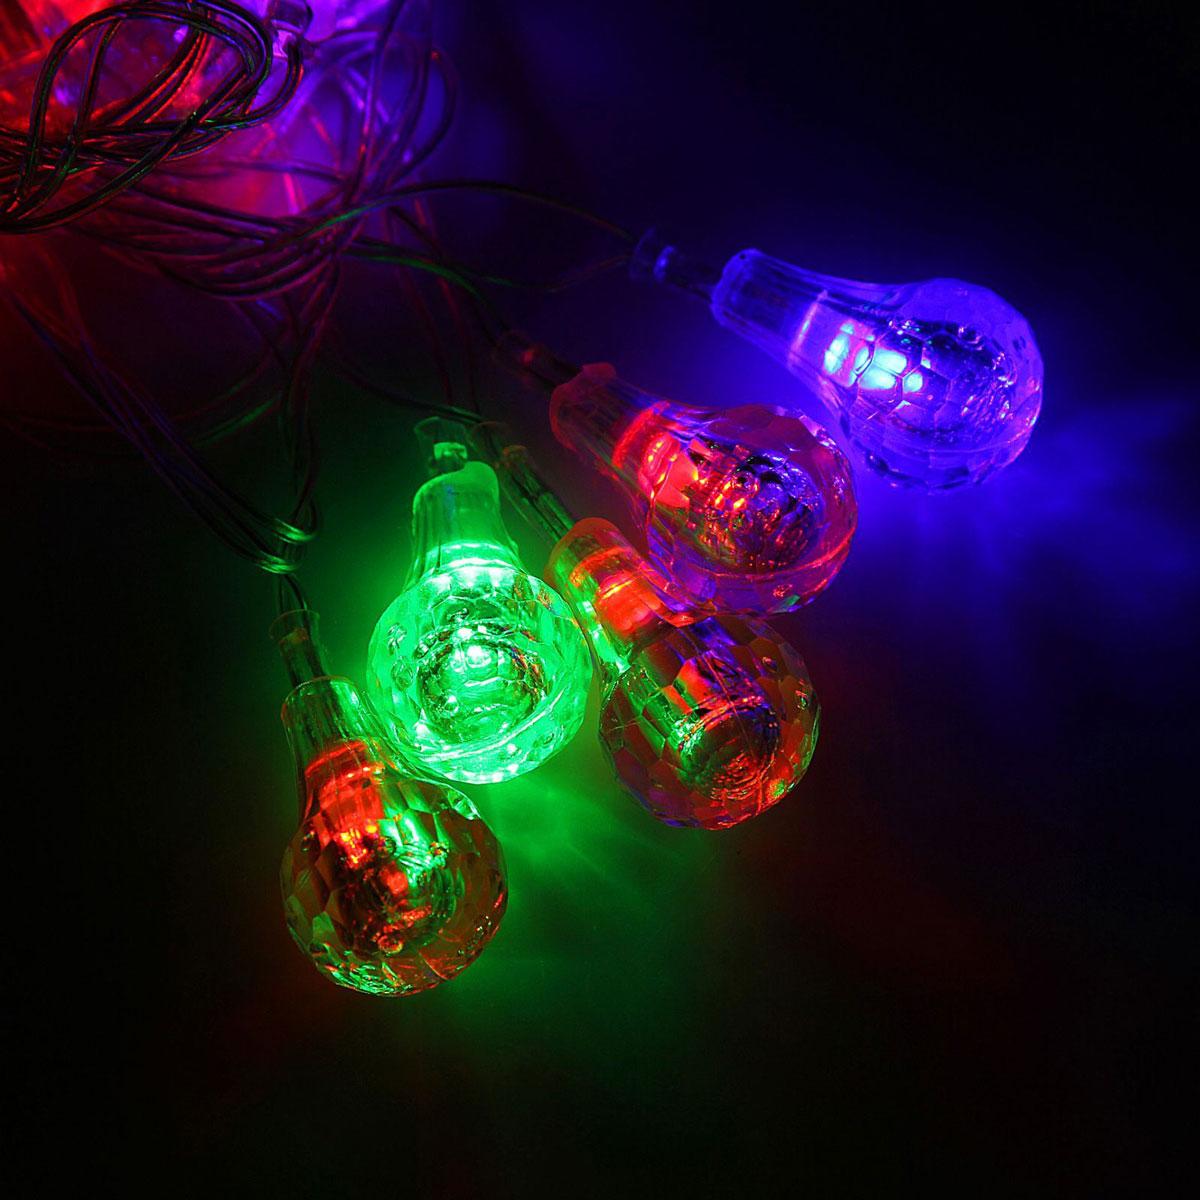 Гирлянда светодиодная Luazon Метраж. Капля, 20 ламп, 220 V, длина 5 м1080386Светодиодные гирлянды и ленты — это отличный вариант для новогоднего оформления интерьера или фасада. С их помощью помещение любого размера можно превратить в праздничный зал, а внешние элементы зданий, украшенные ими, мгновенно станут напоминать очертания сказочного дворца. Такие украшения создают ауру предвкушения чуда. Деревья, фасады, витрины, окна и арки будто специально созданы, чтобы вы украсили их светящимися нитями.